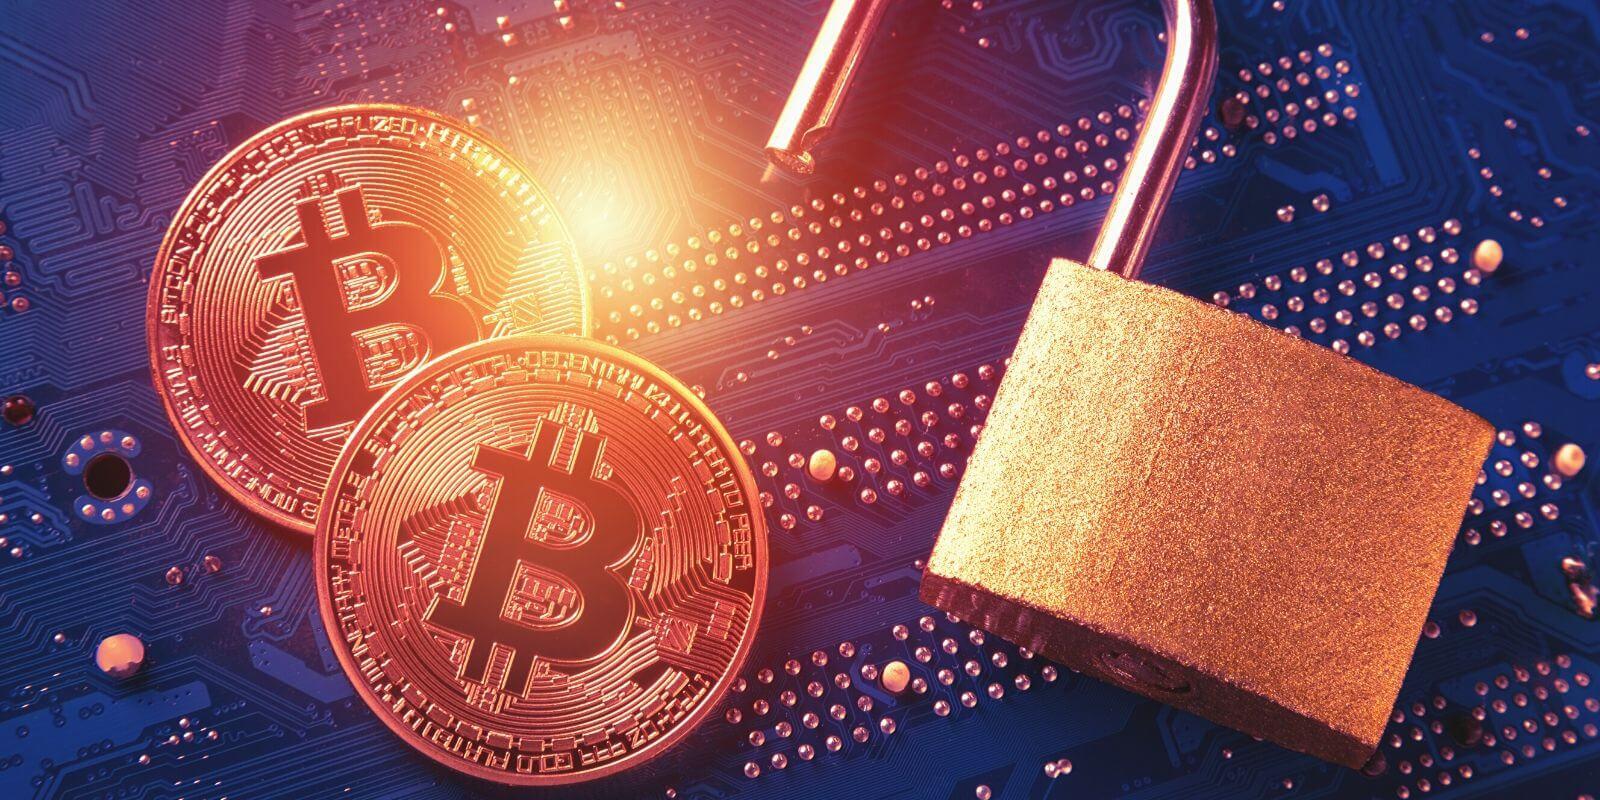 Certains exchanges surveillent l'utilisation des services d'anonymisation de bitcoins